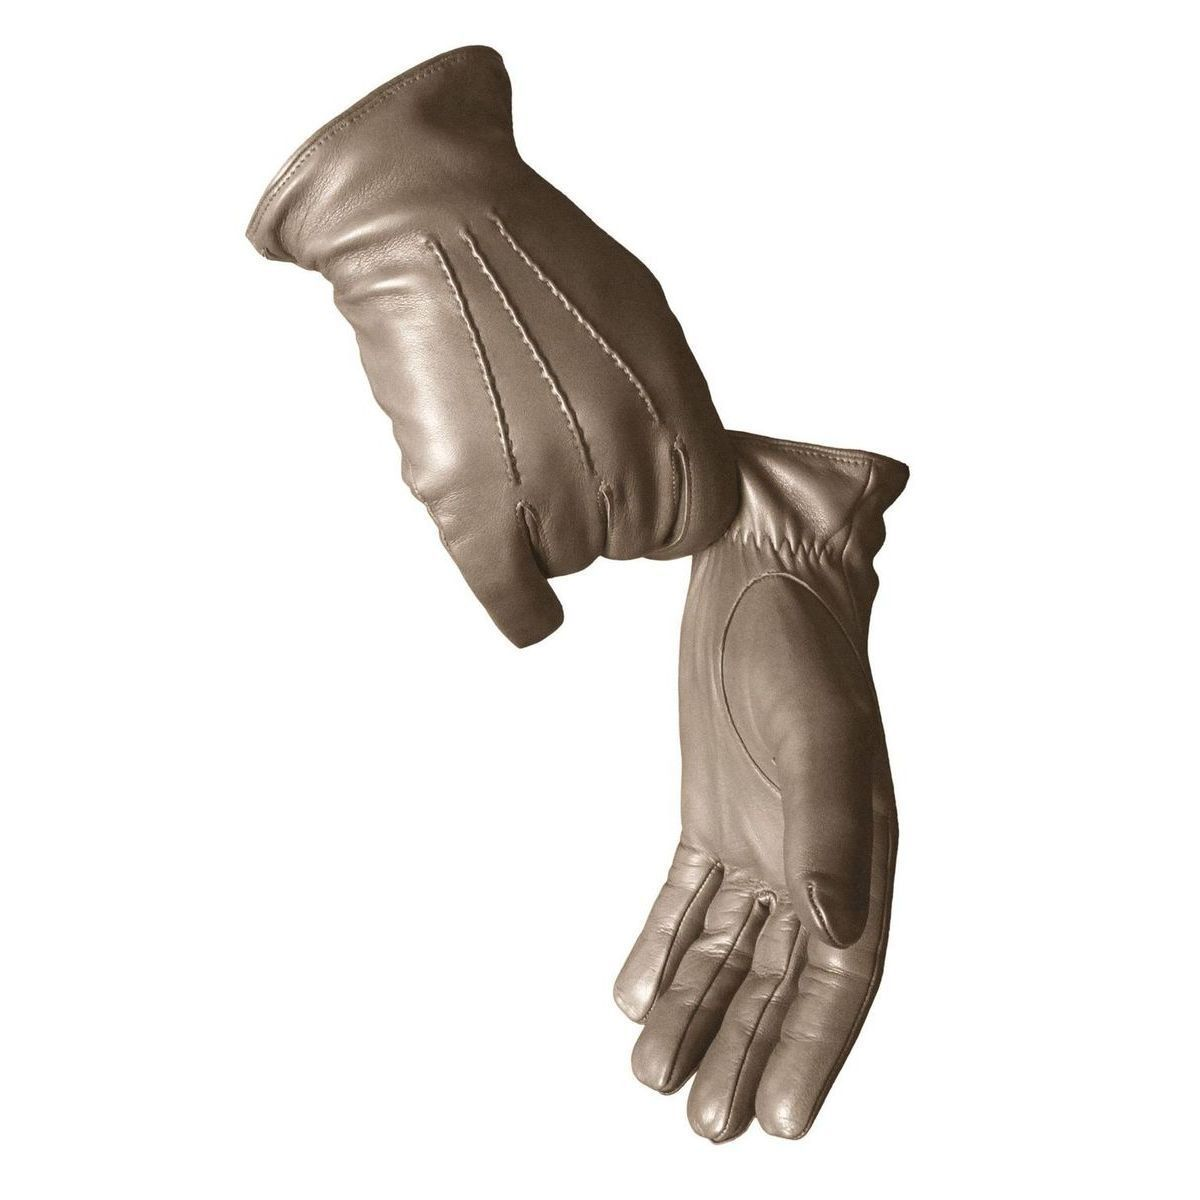 Classic gloves for men